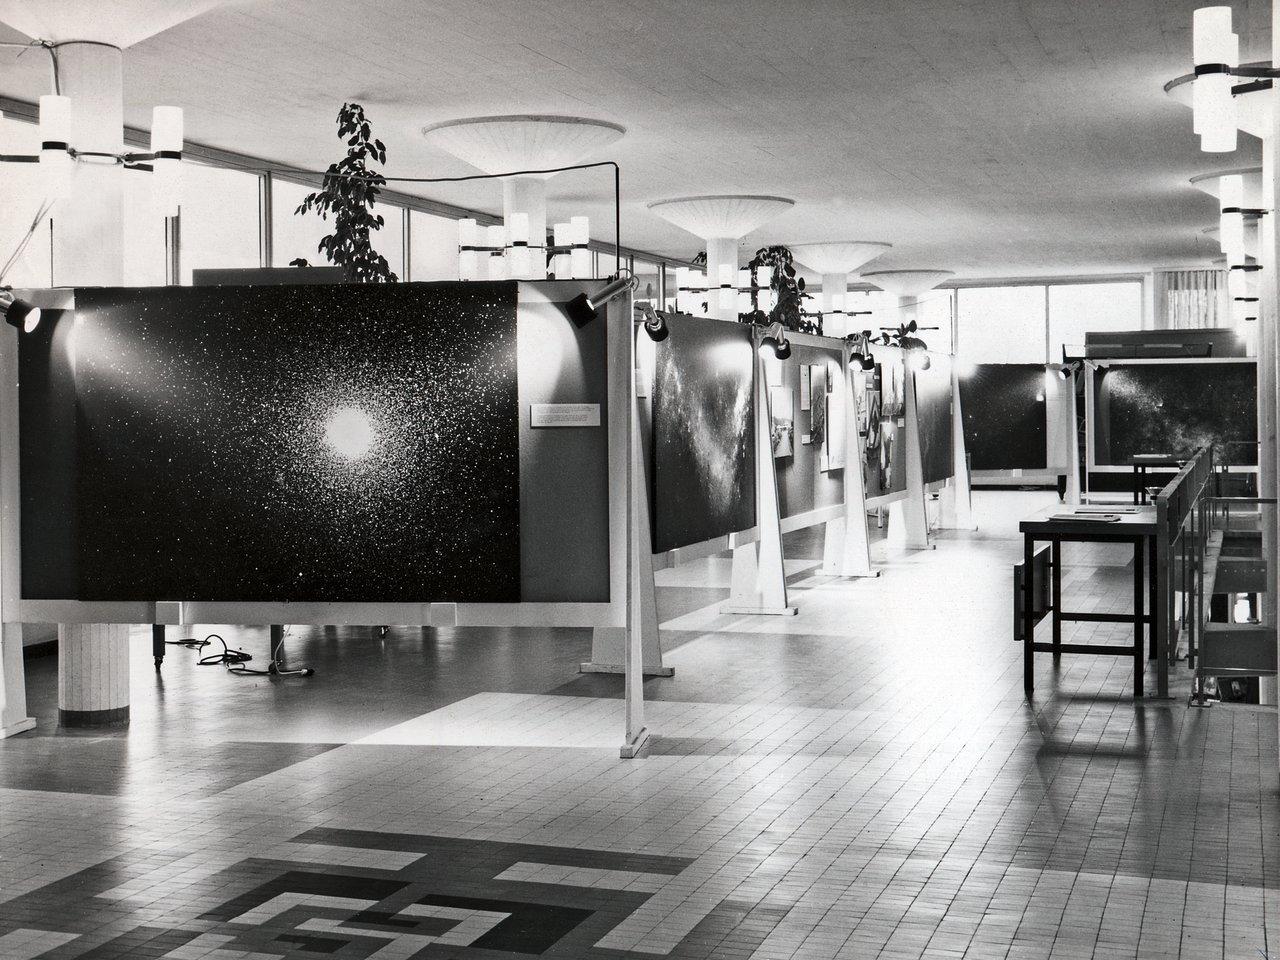 ESO exhibition at CERN